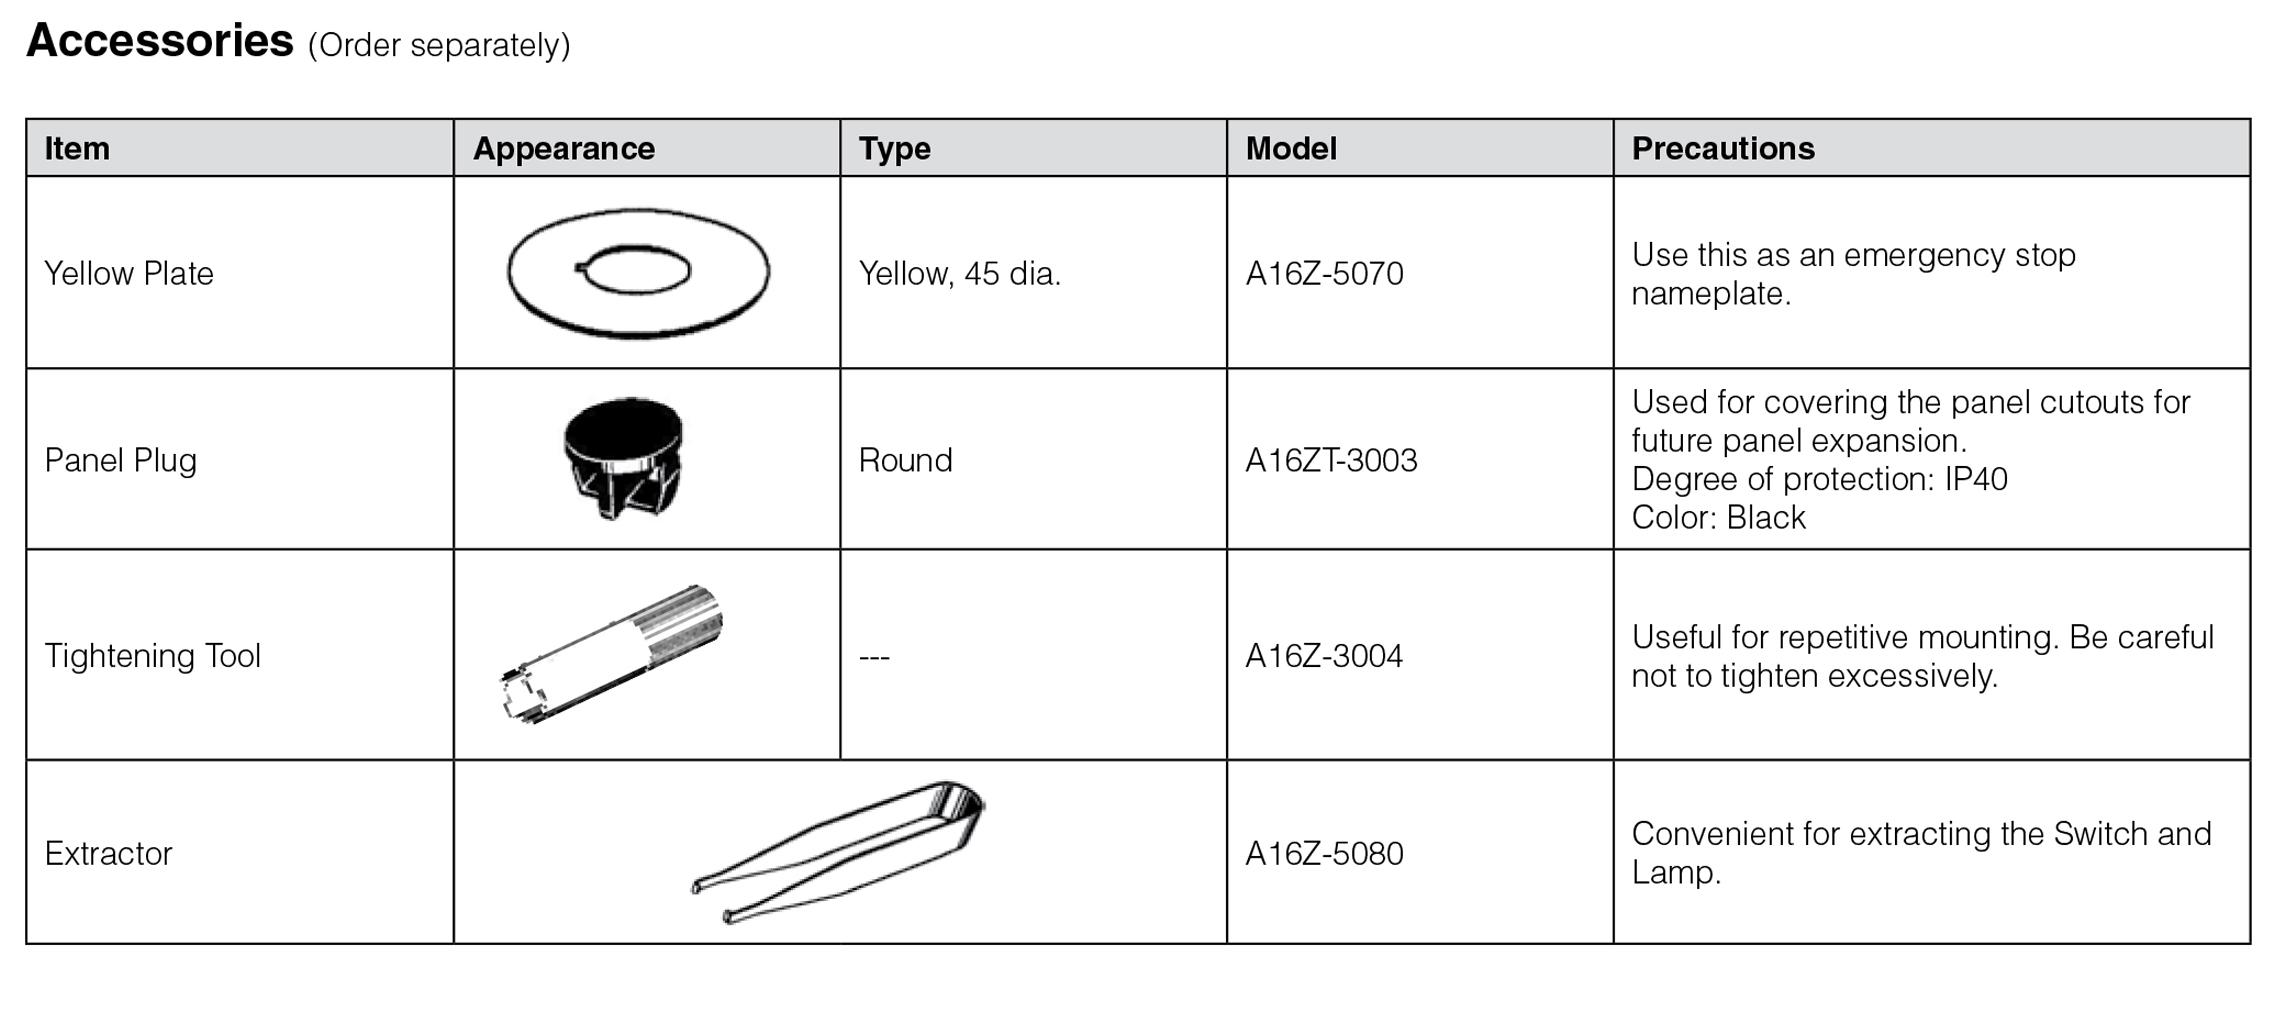 A165E_Accessories_OEI.jpg